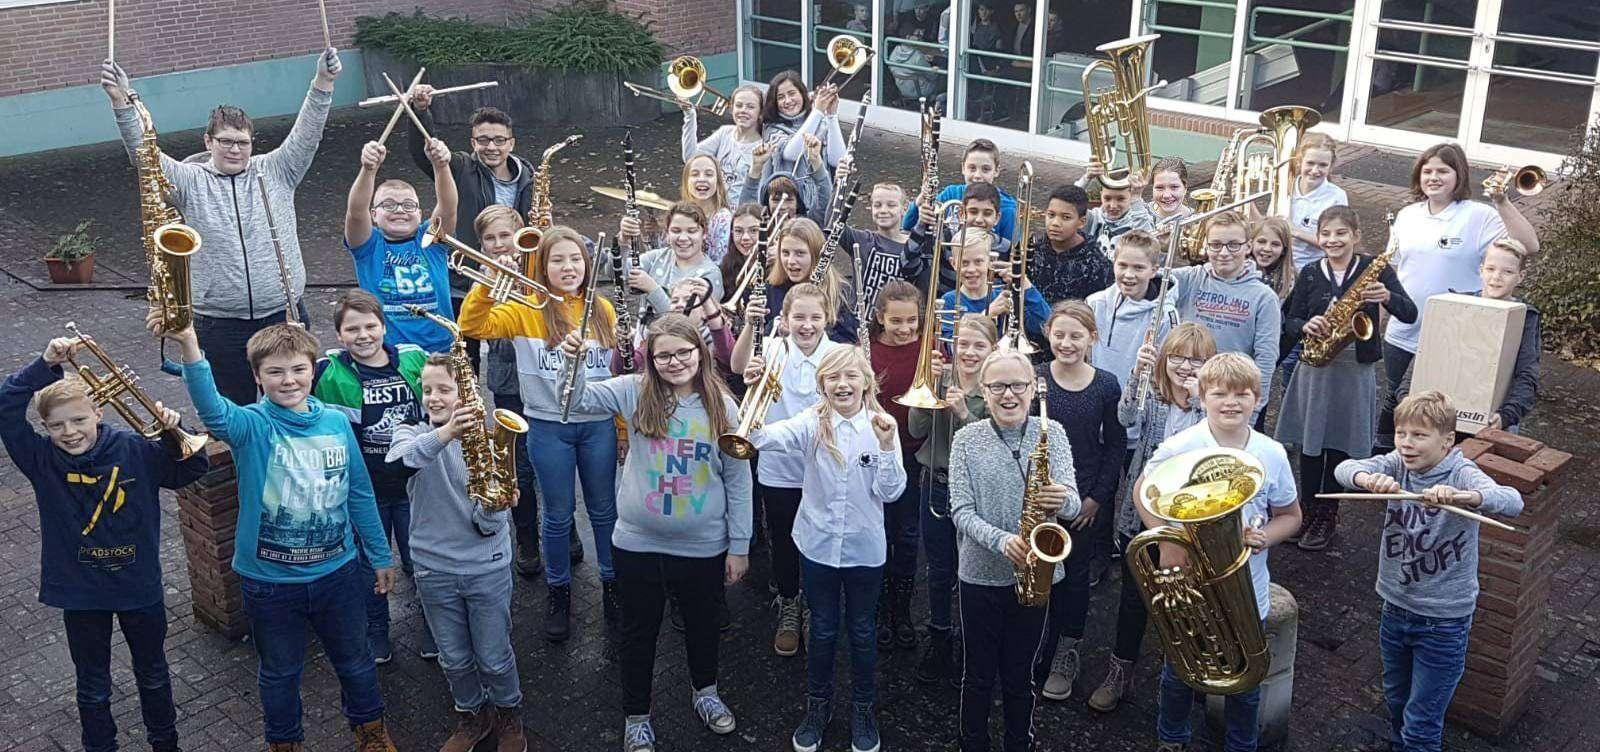 Die Schüler der fünften und sechsten Bläserklassen der KGS bilden ein Orchester, das klanglich den zahlreichen Pfeifen der Orgel gegenübergestellt wird.